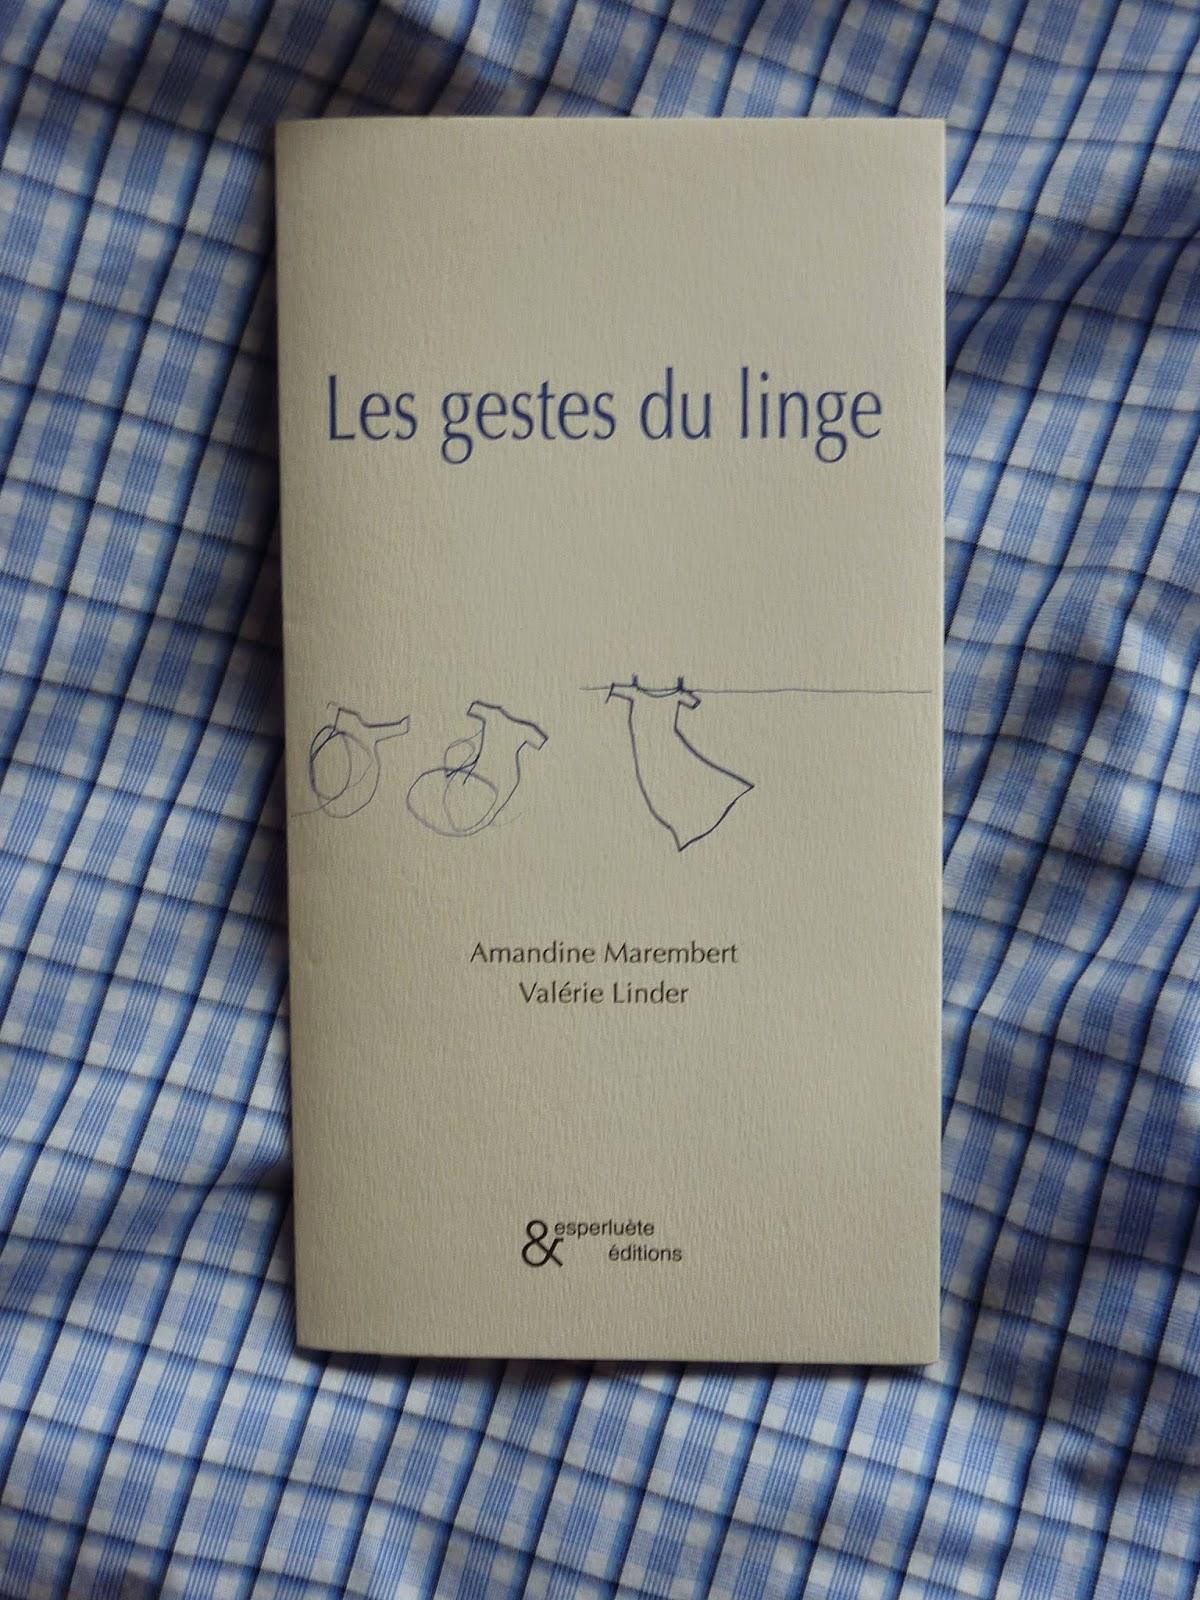 Les gestes du linge - Marembert et Linder